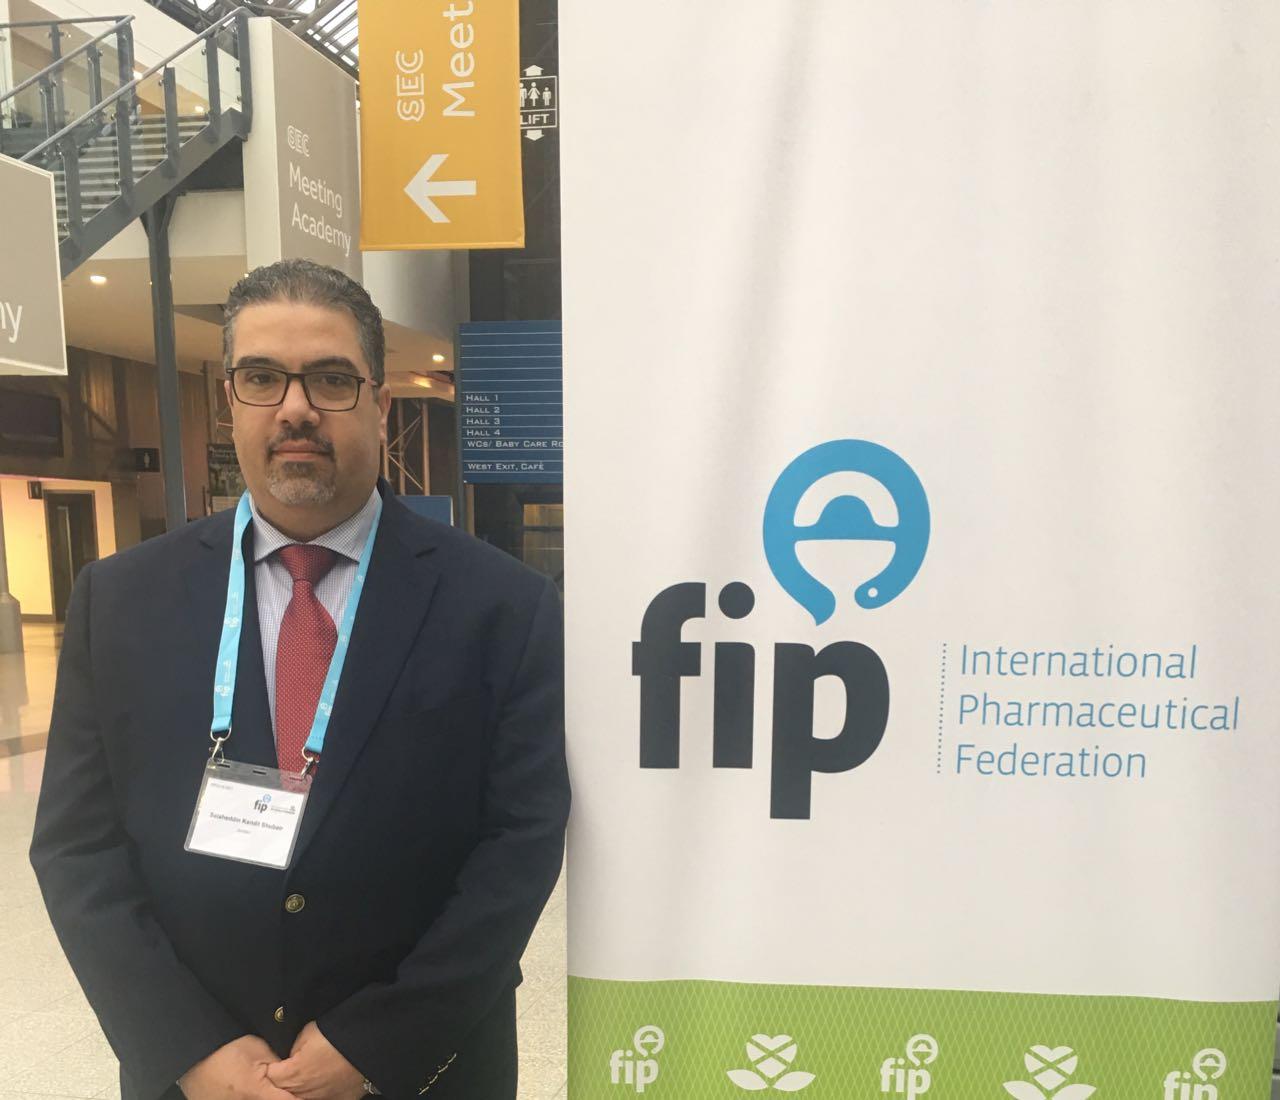 د.شبير رئيسا للمكتب التنفيذي لمنتدى الشرق الاوسط في اتحاد الصيادلة الدولي